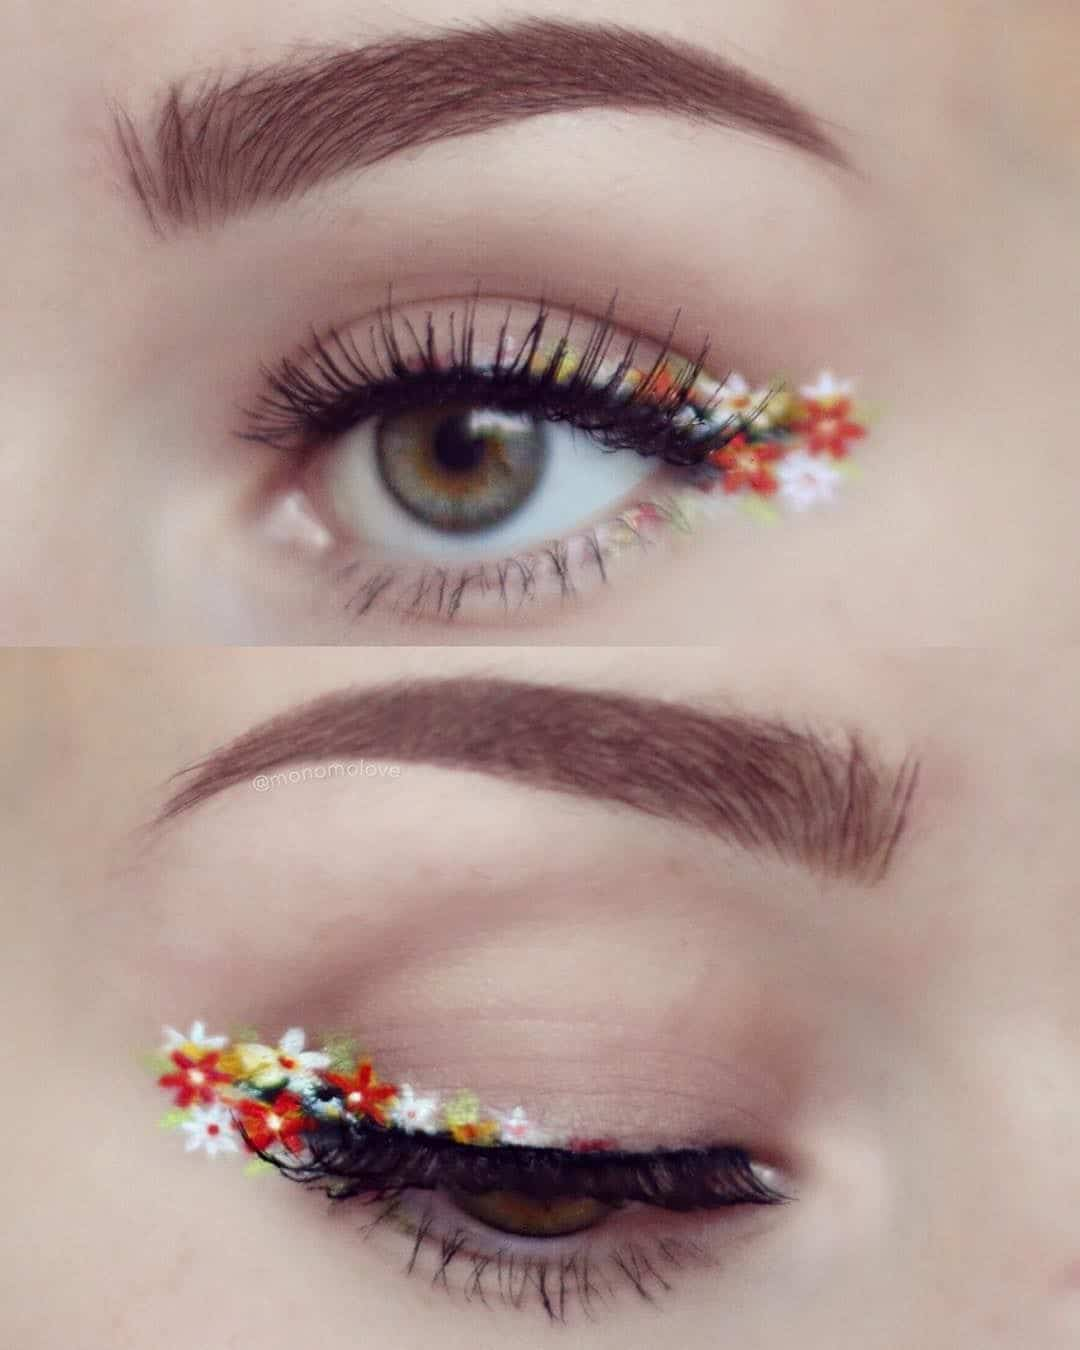 Creative floral eyeliner